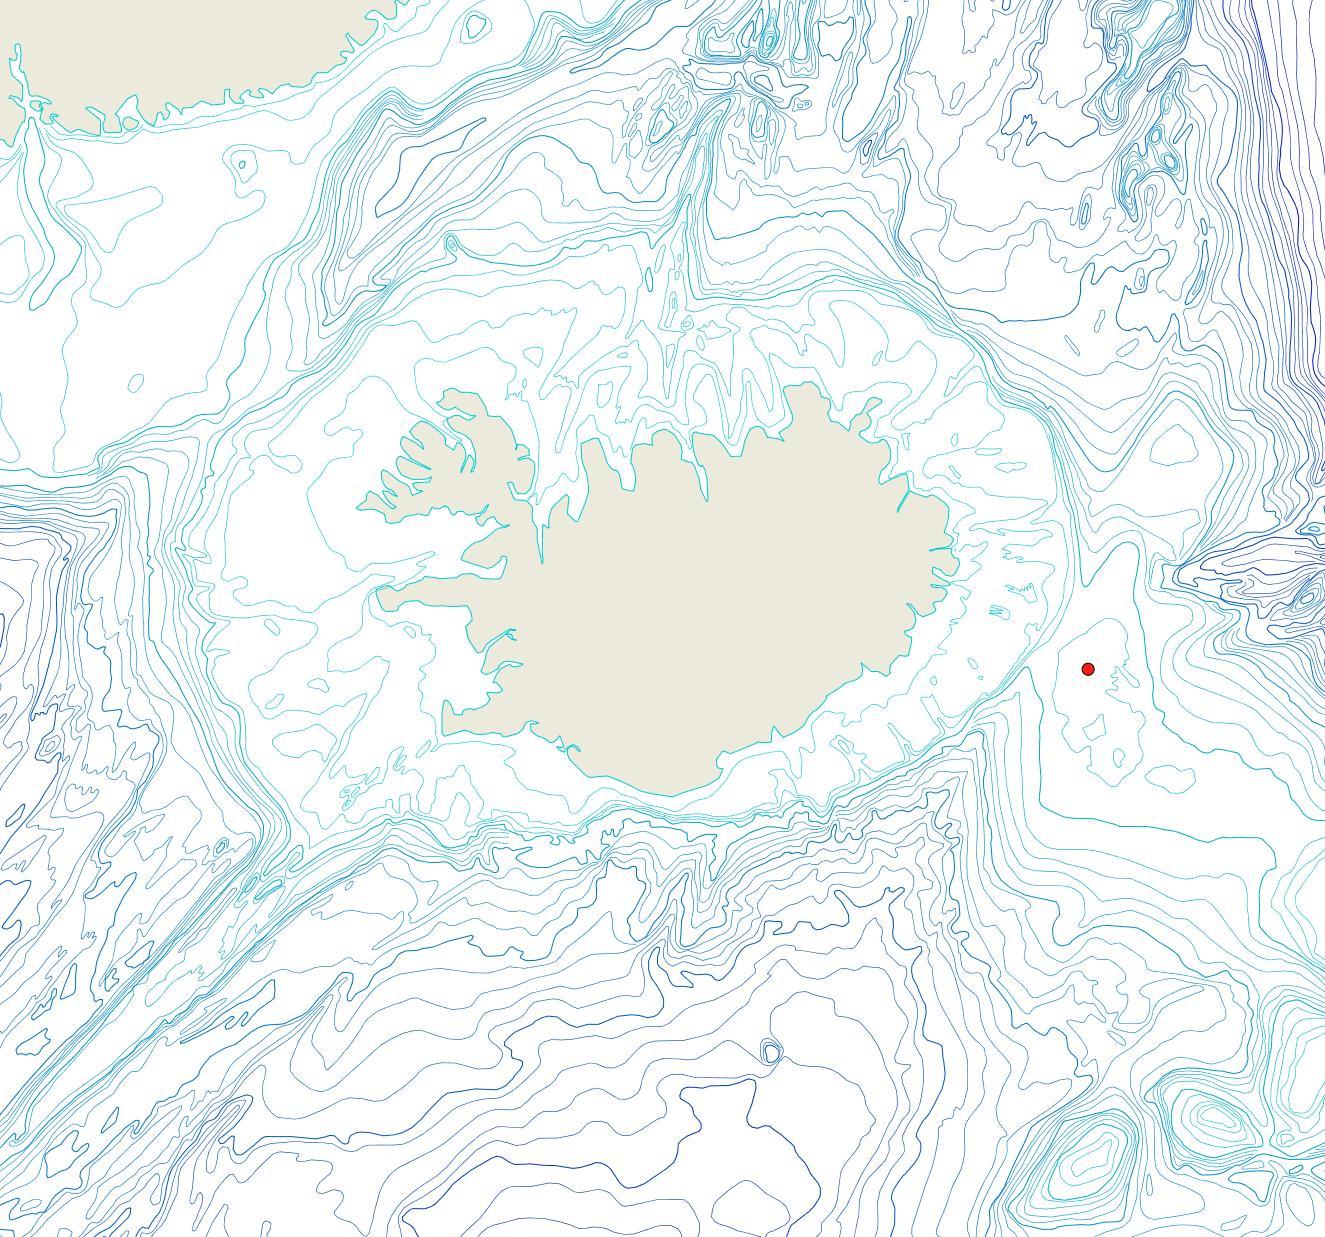 Útbreiðsla Turbicellepora avicularis(Bioice samples, red dots)